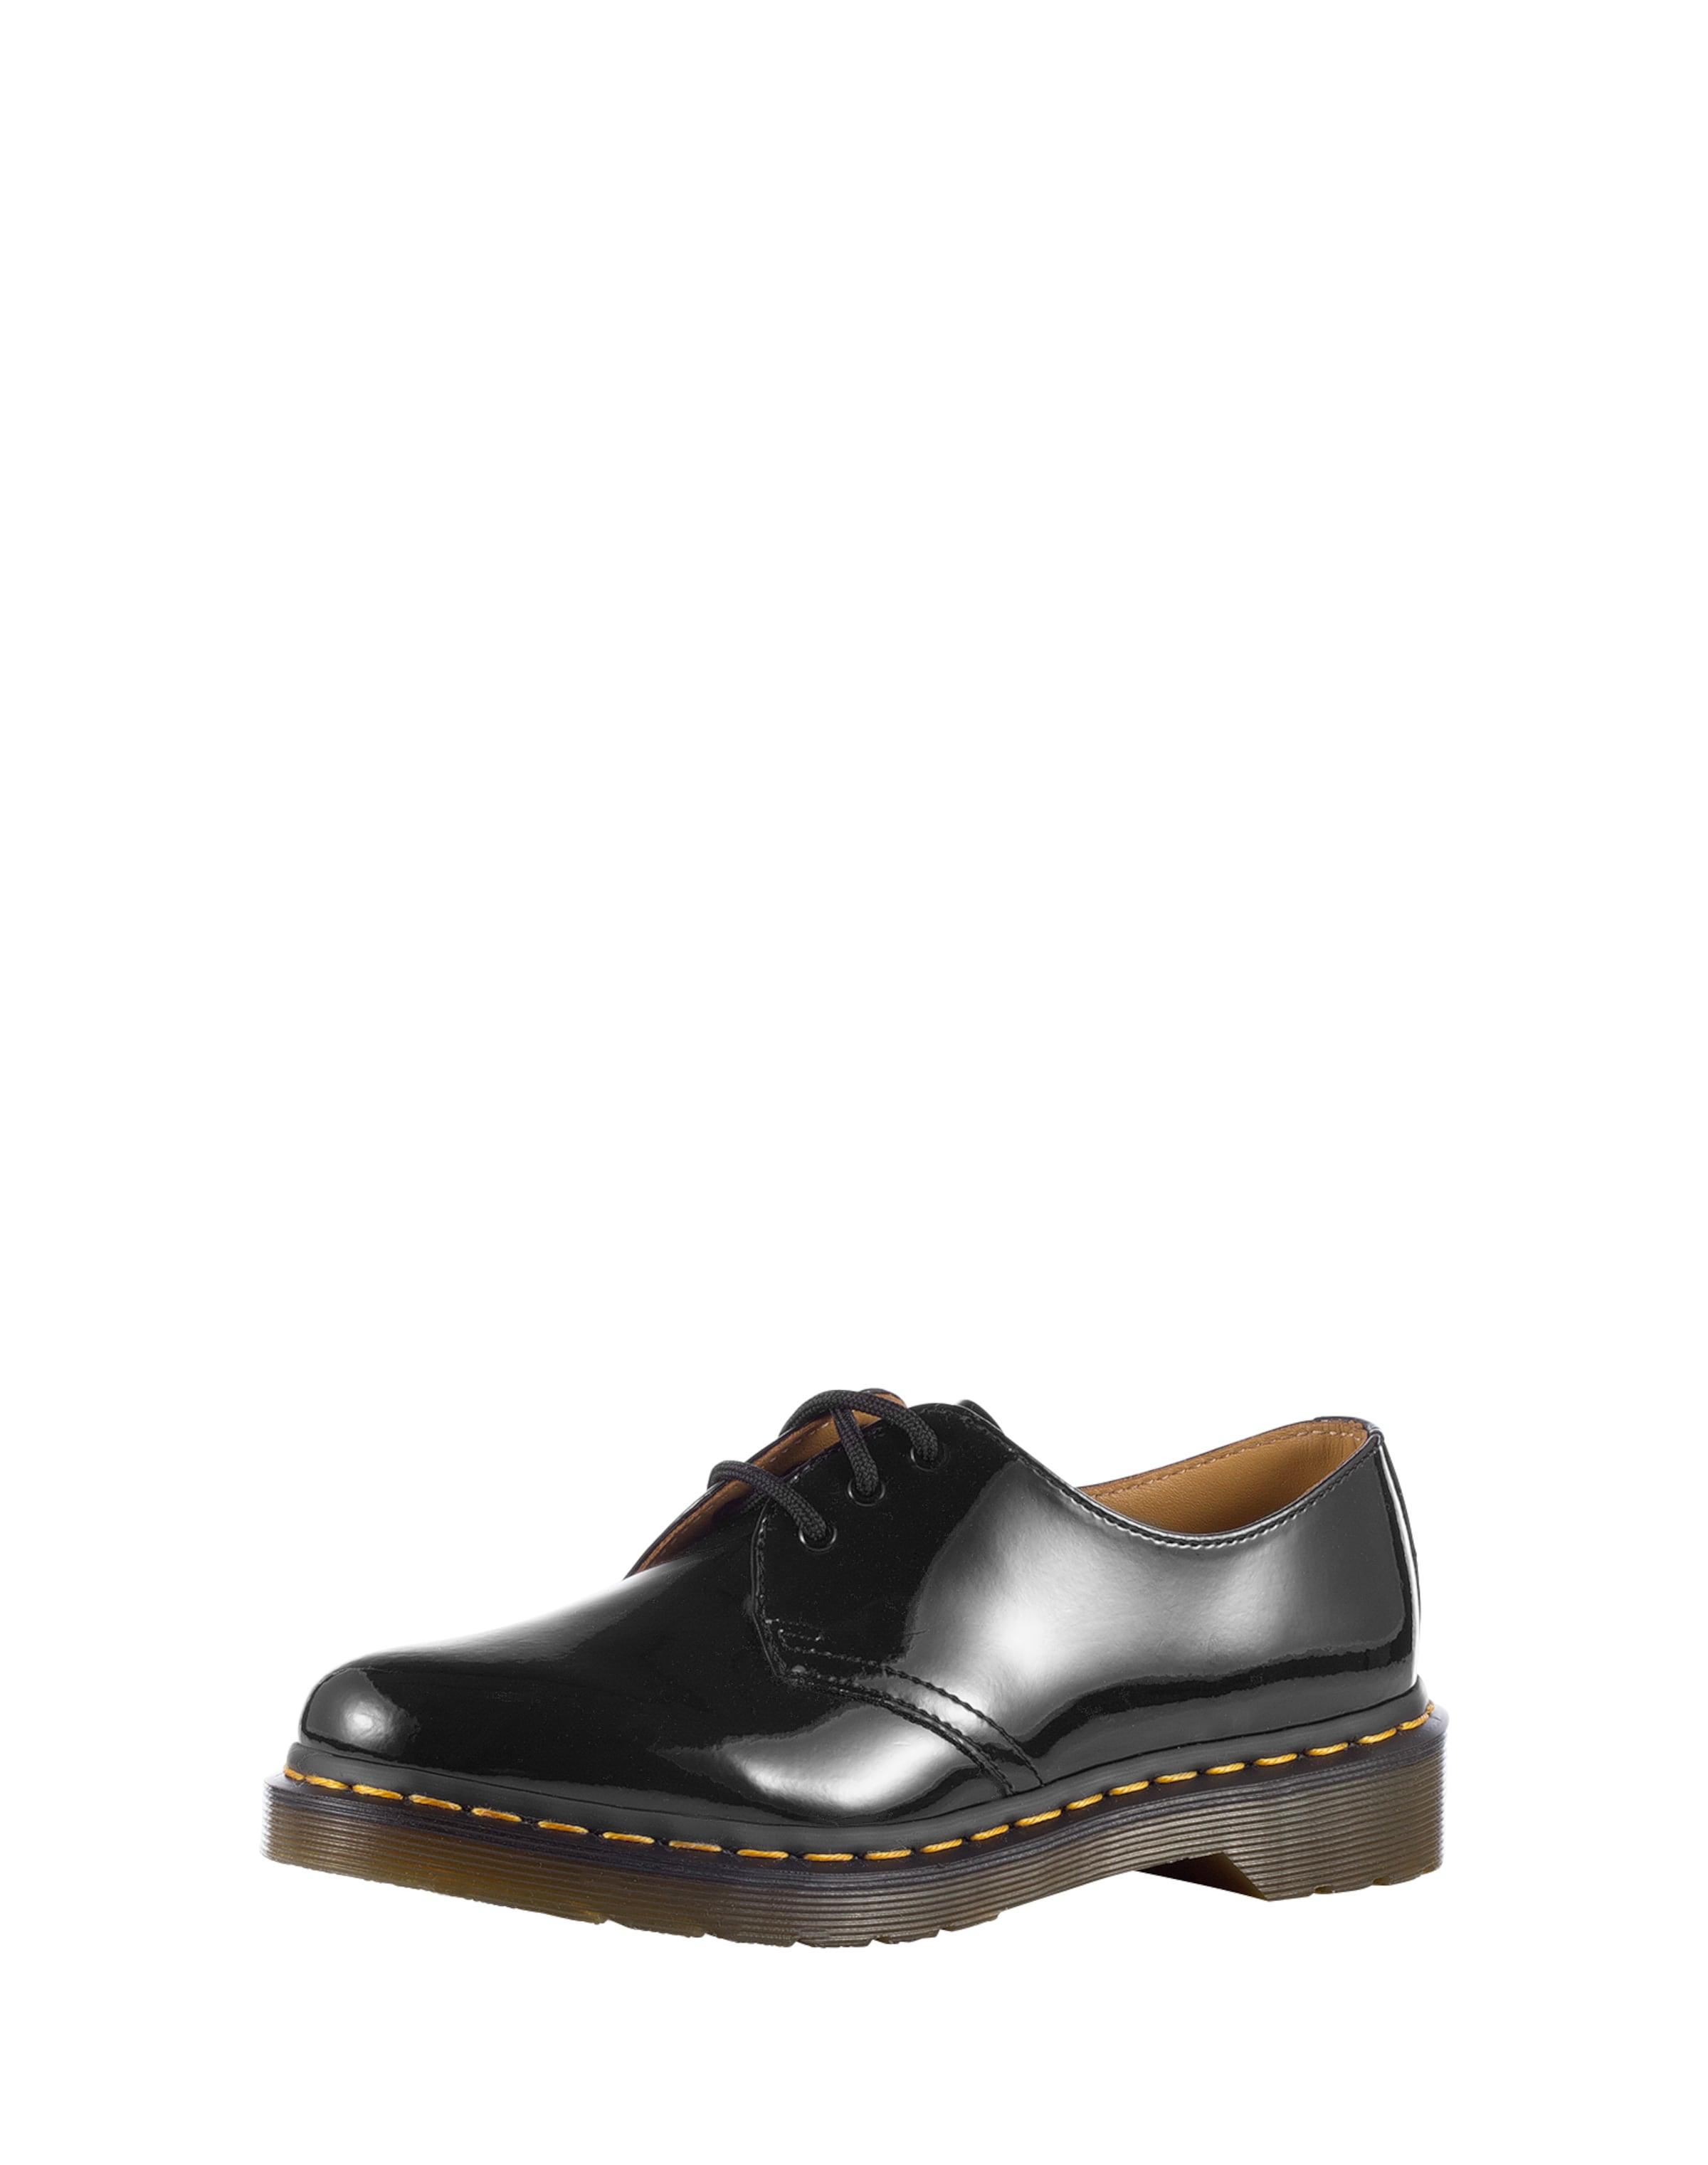 Dr. Martens | Flacher Schnürer '1461 W-3' Schuhe Gut getragene Schuhe